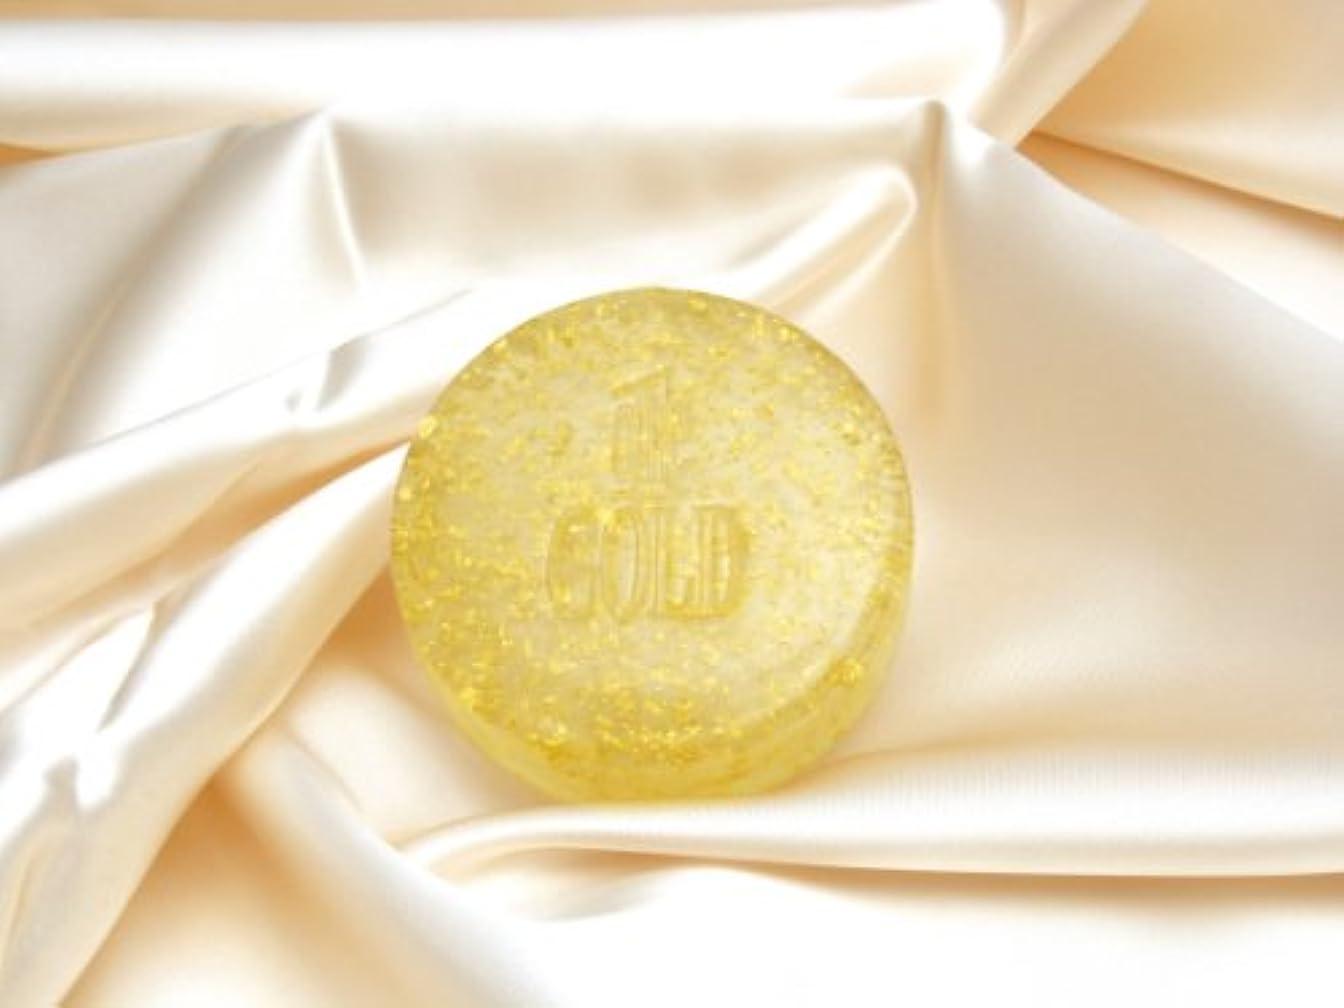 抗生物質ベーシック偶然のゴールド ミネラルソープ 頭髪から洗顔、ボディーまでオールマイティー石鹸 クレンジングソープ 毛穴すっきり洗顔 60から90日間熟成石鹸